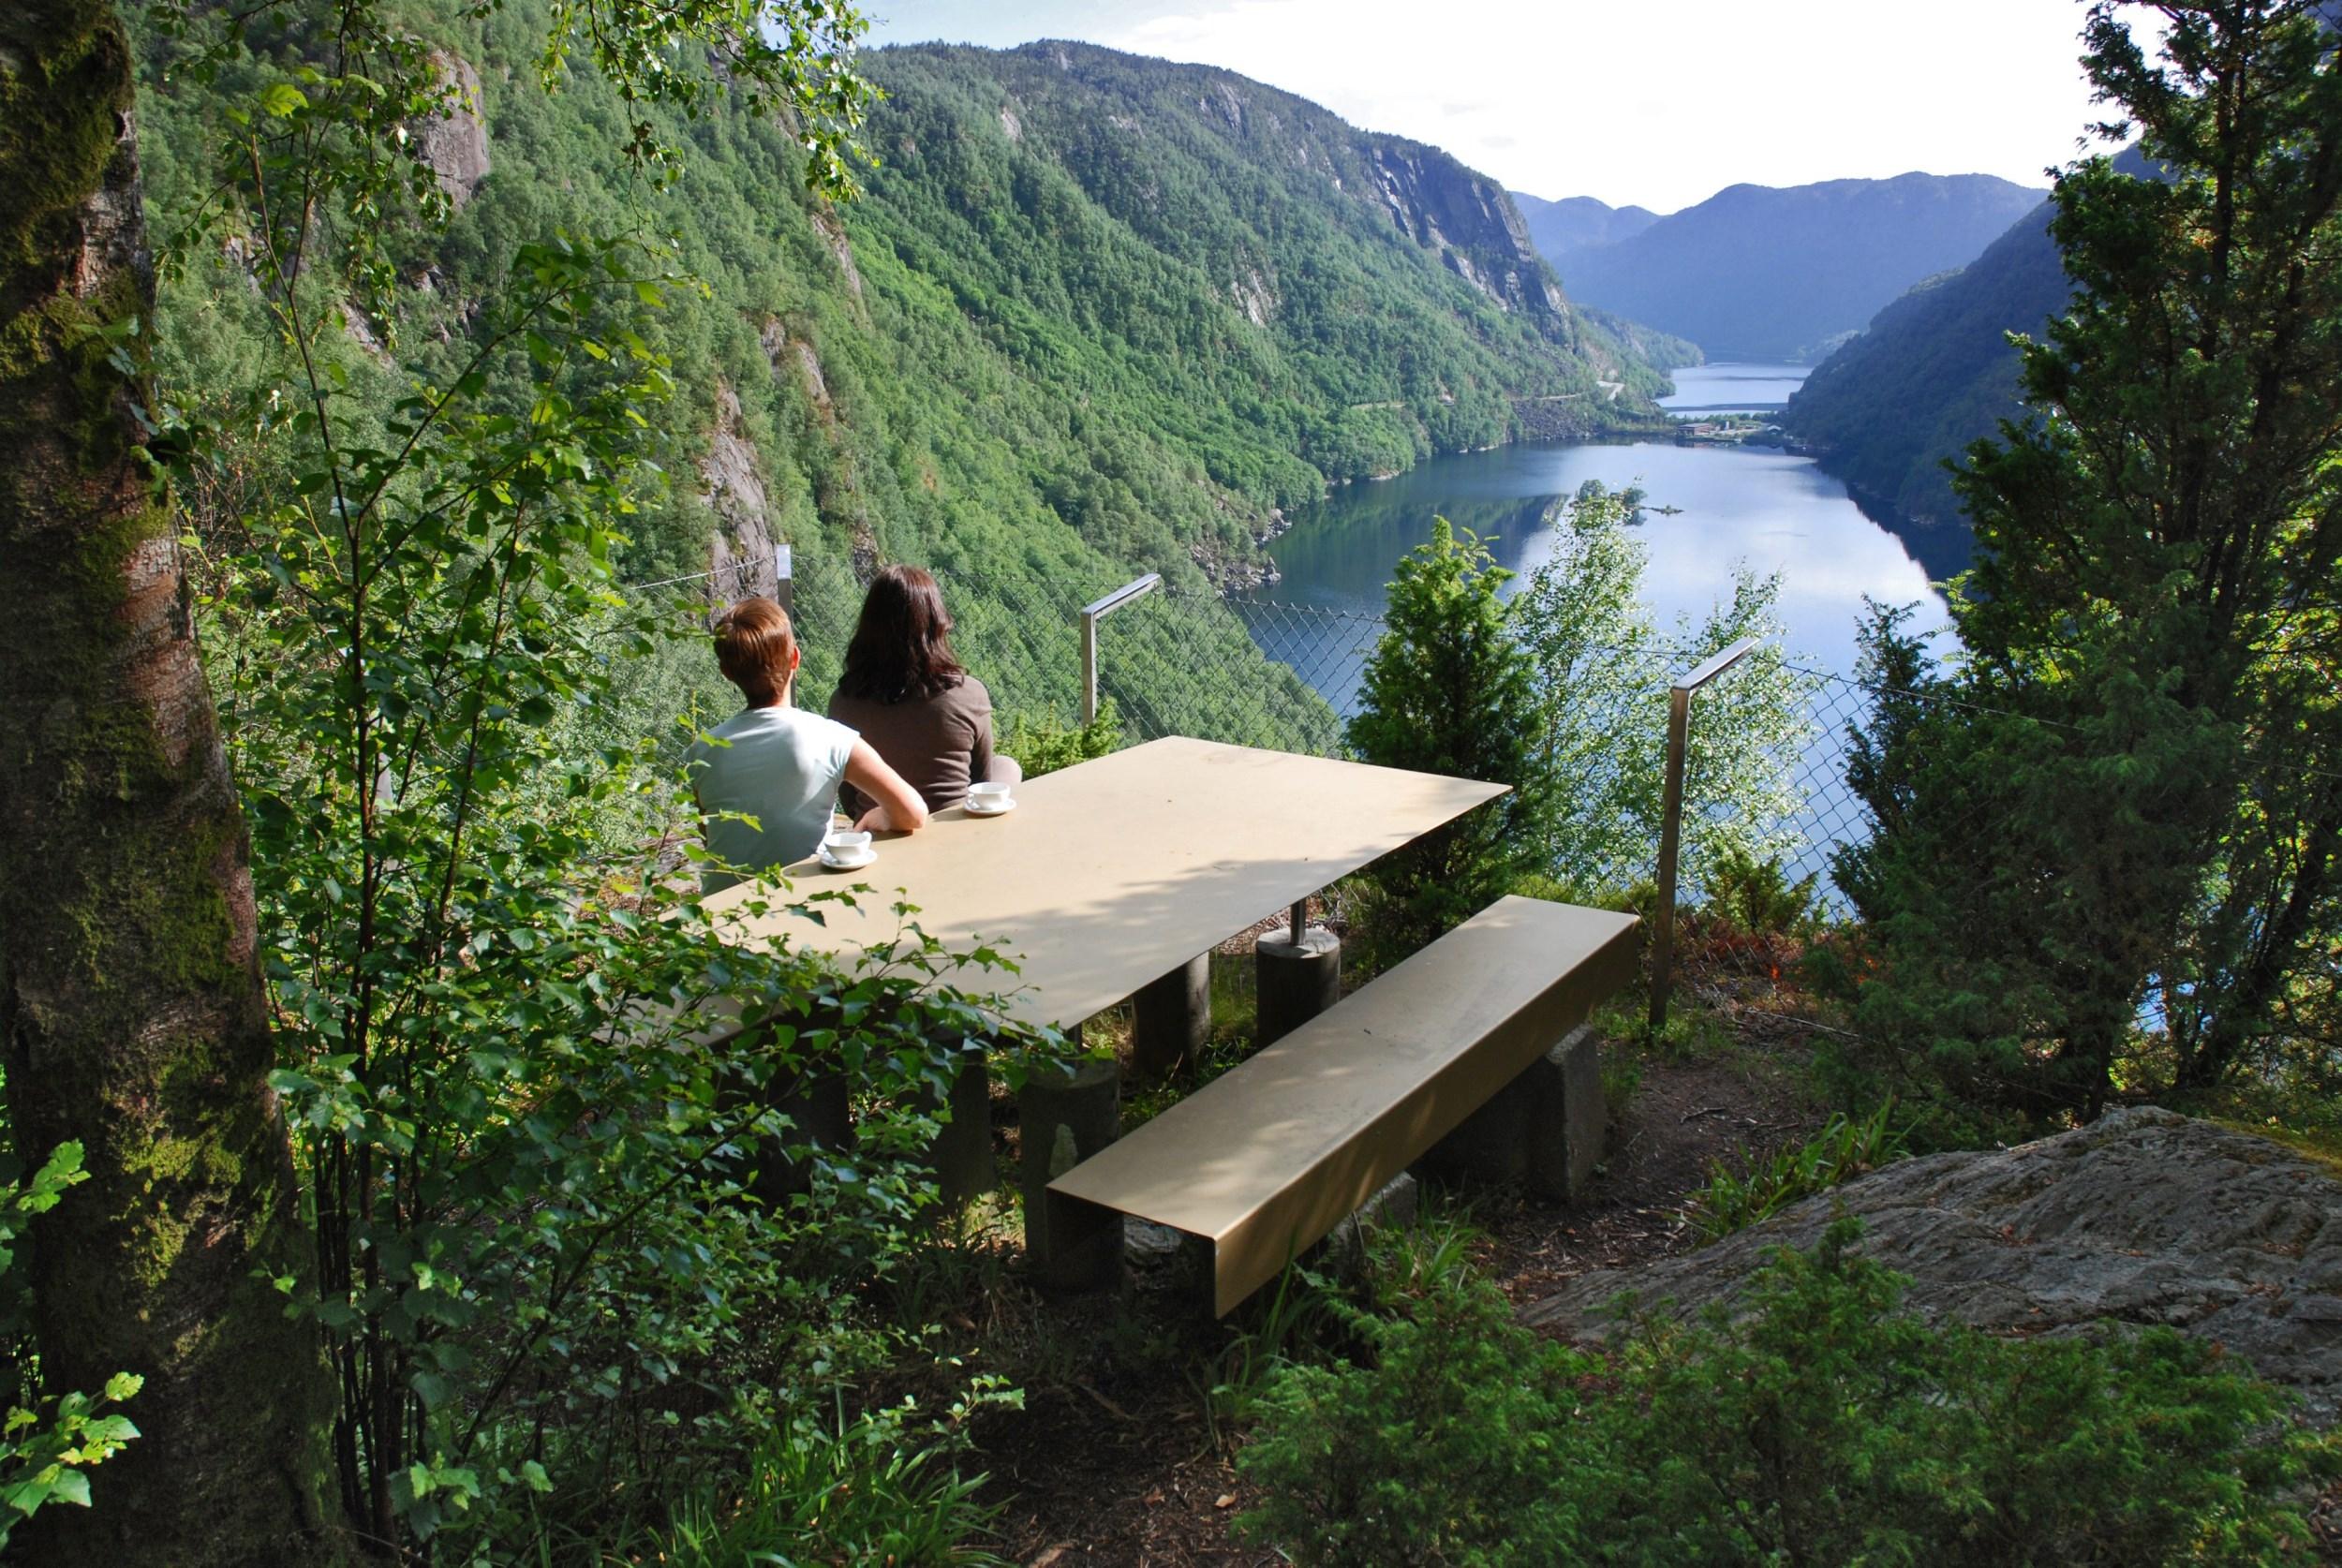 Menneske som ser utover Lovrafjorden ved utkikkspunkt